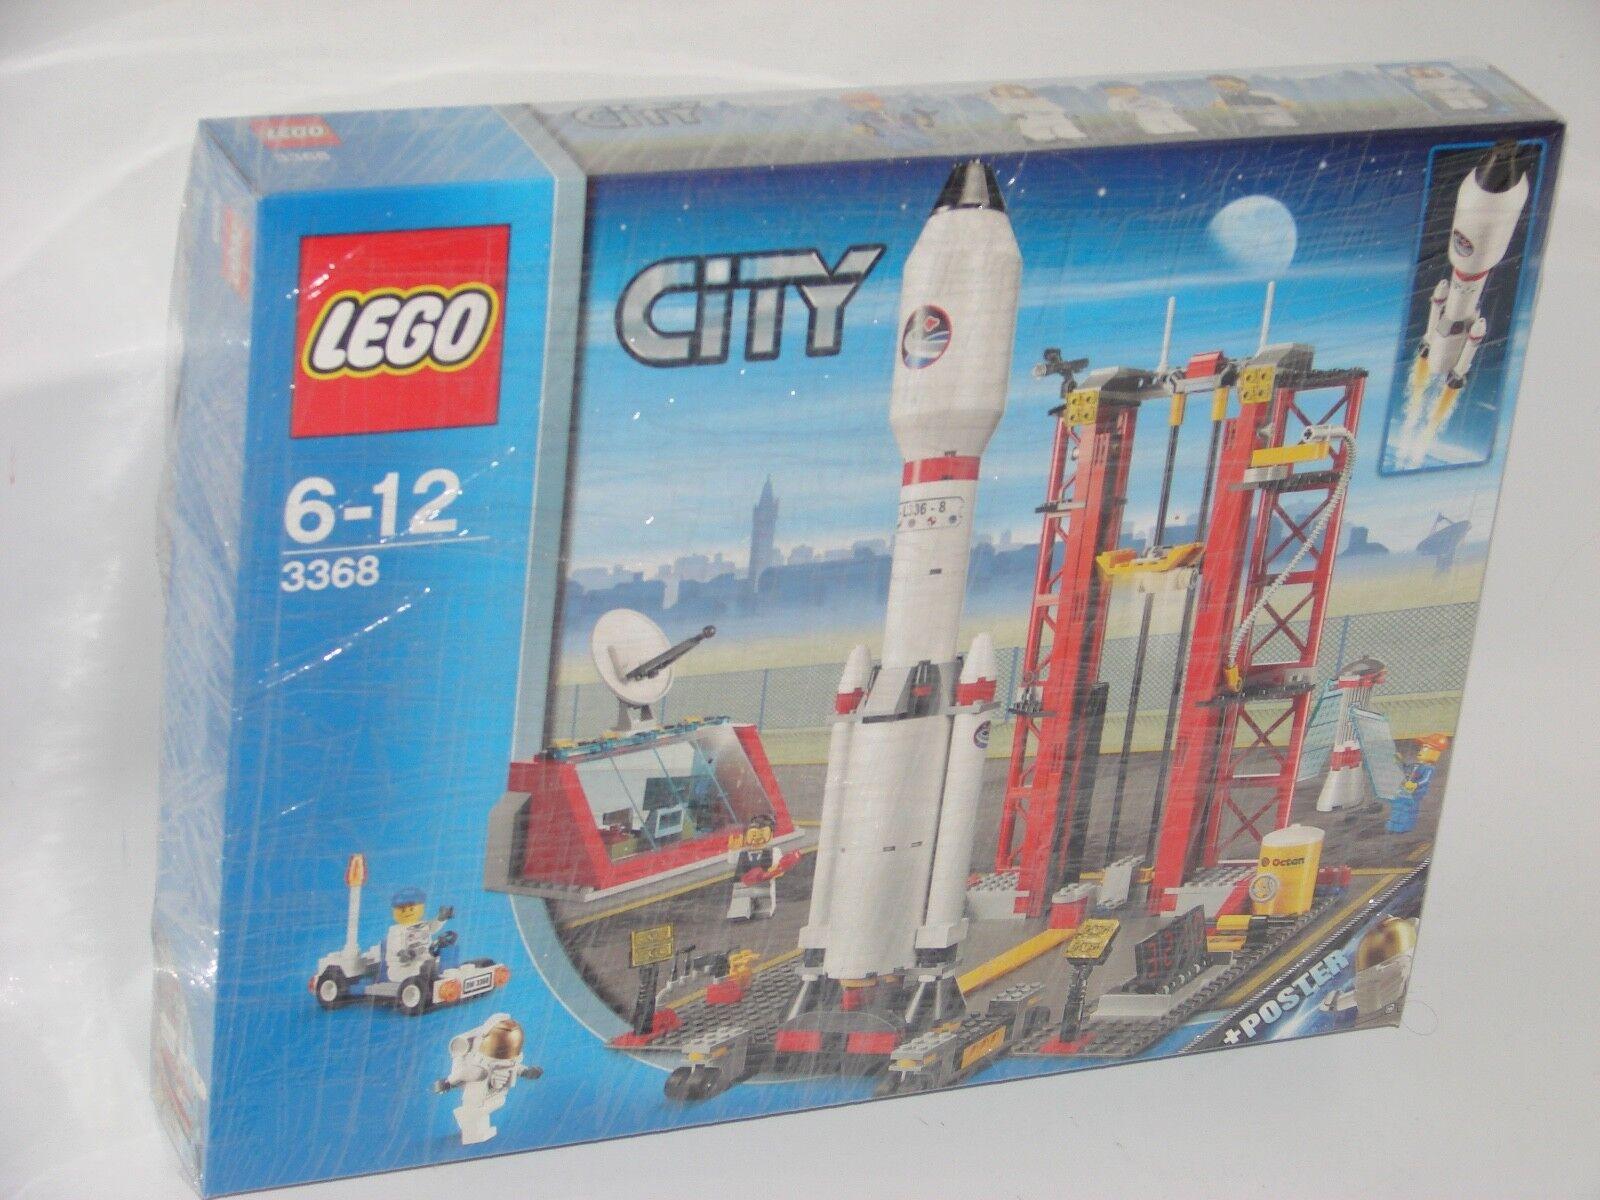 LEGO ® City 3368 missiles Station nouveau _ SPACE CENTER NEW En parfait état, dans sa boîte Boîte d'origine jamais ouverte _ Original Pictures